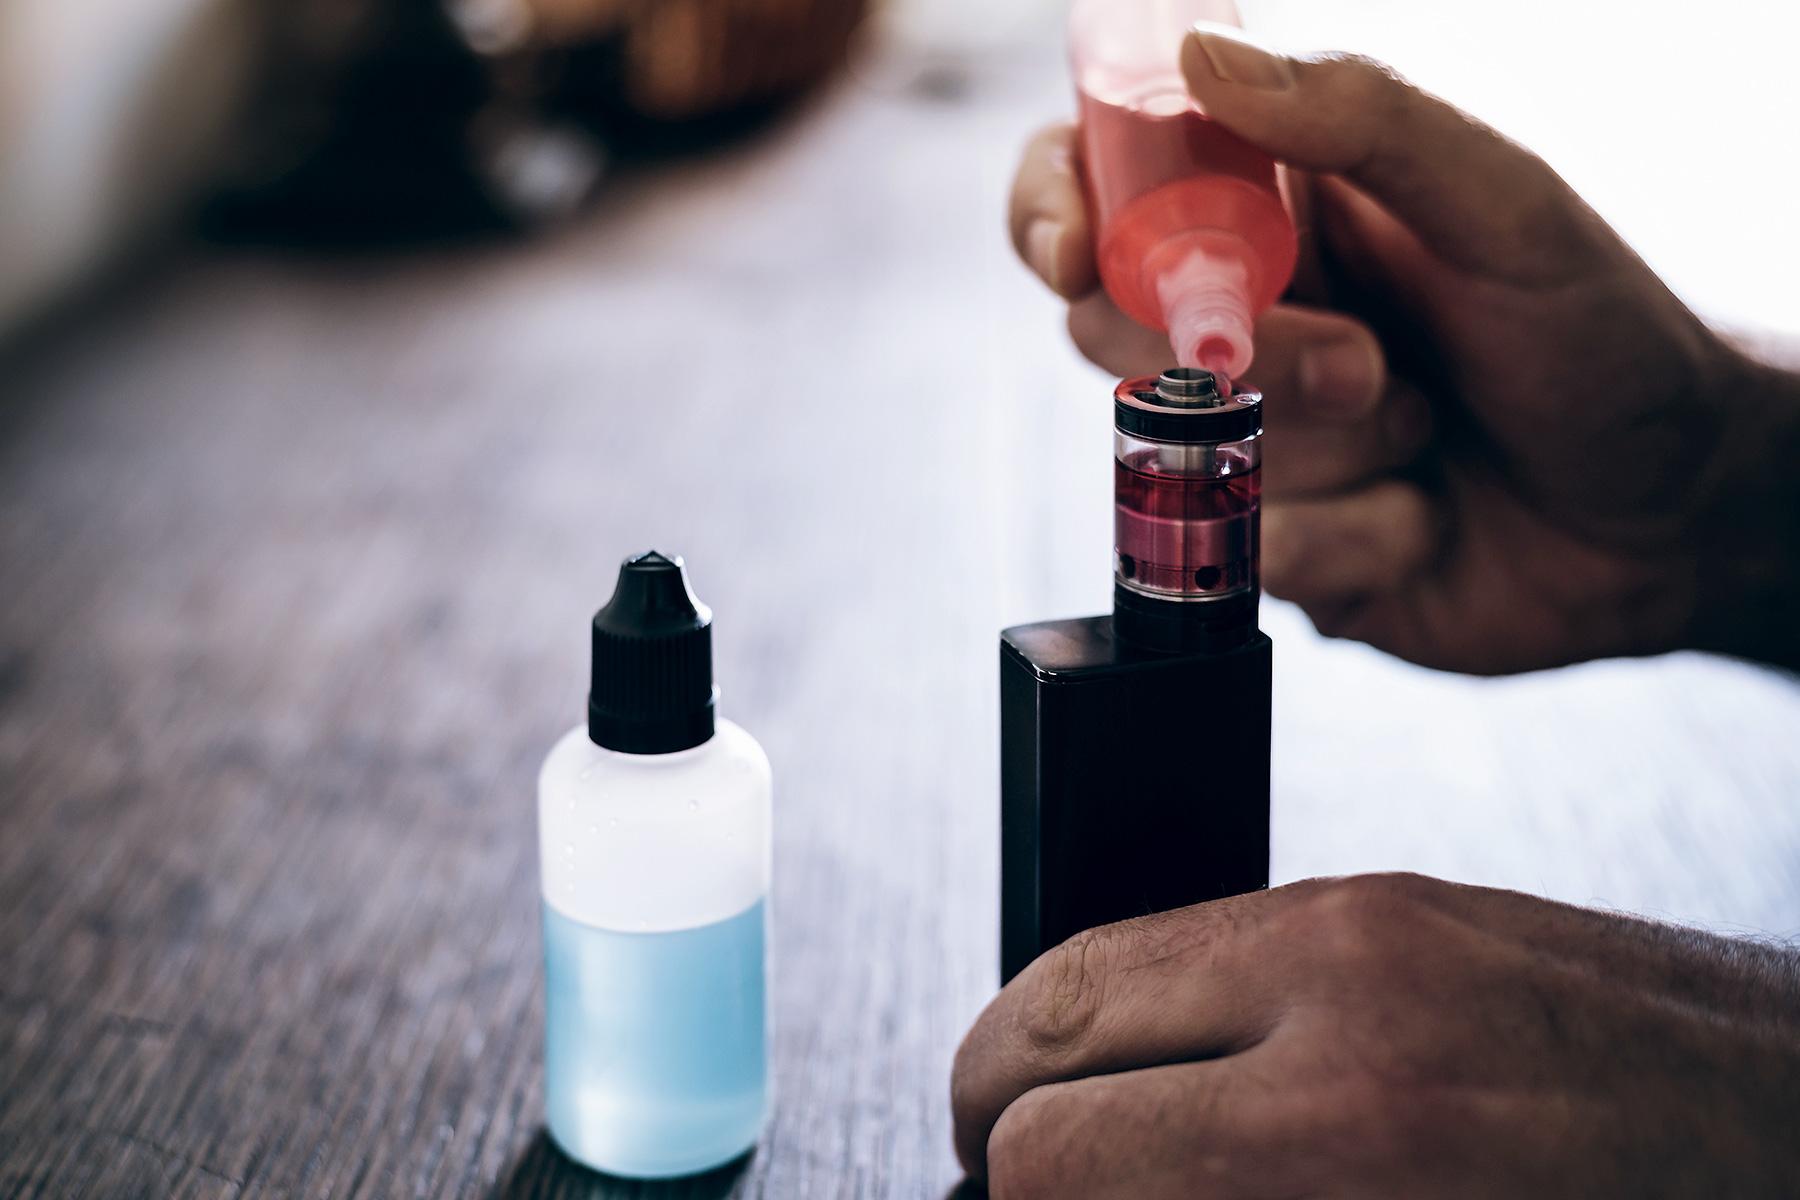 How to Use a CBD Vaporizer Pen